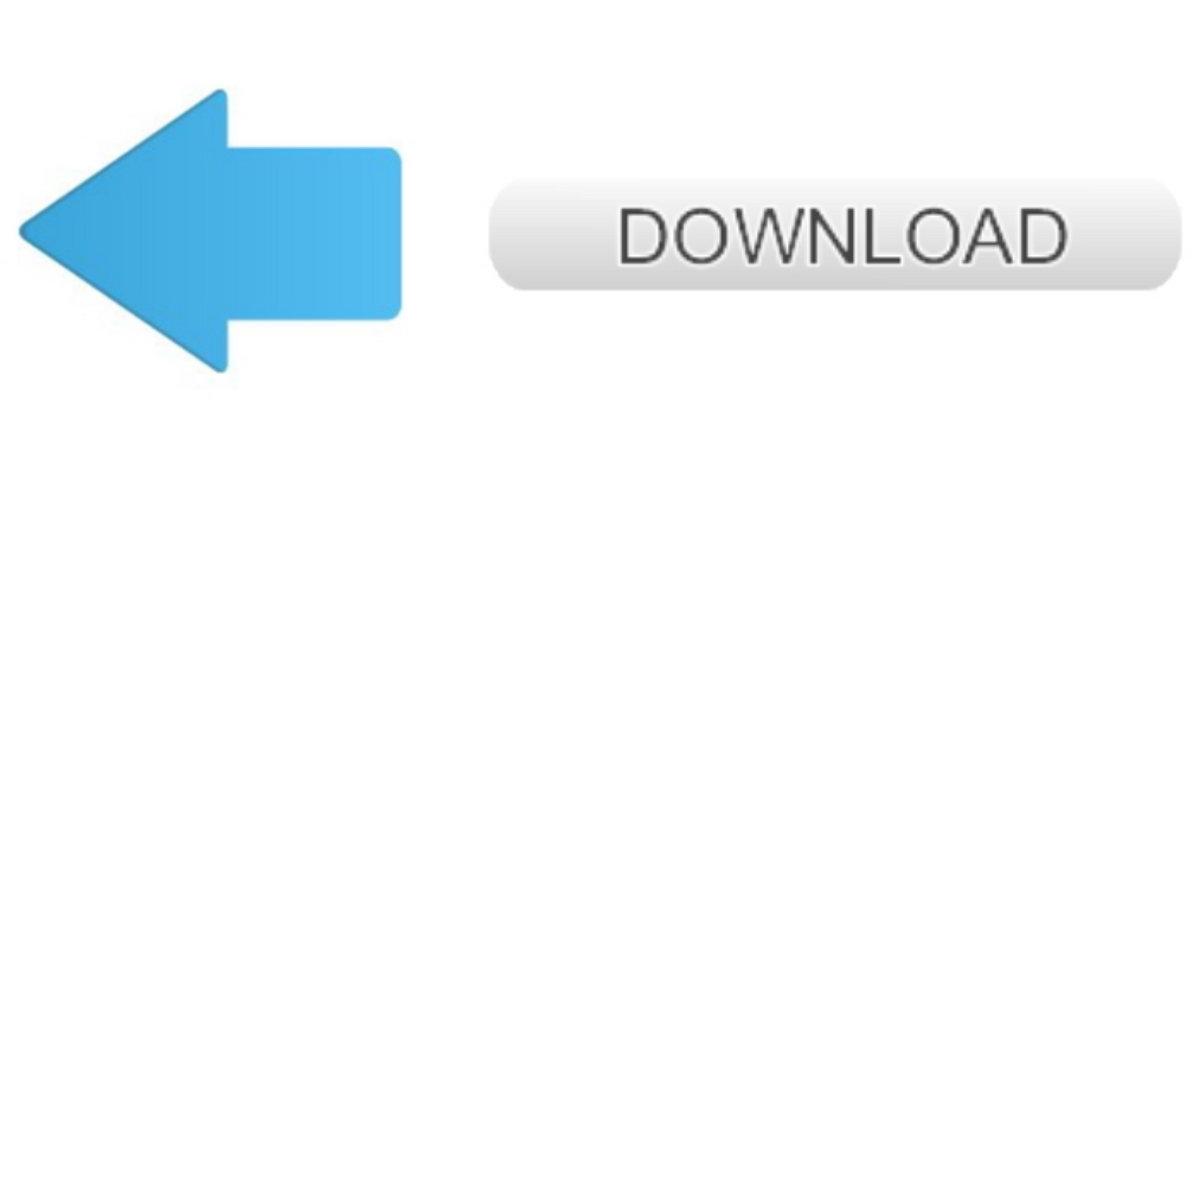 Frozen Movie Download Torrent Magnet Frozen Movie Download Torrent Magnet Gowens